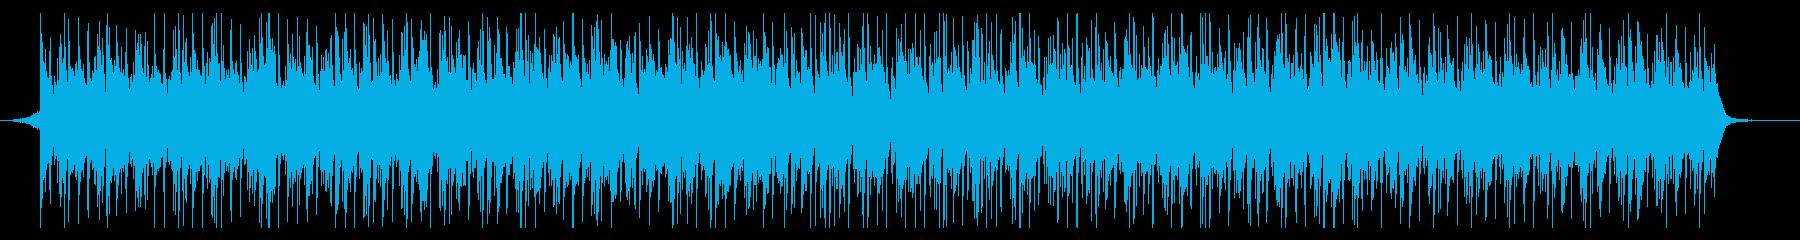 CMやVPに ほのぼの口笛エンディングの再生済みの波形